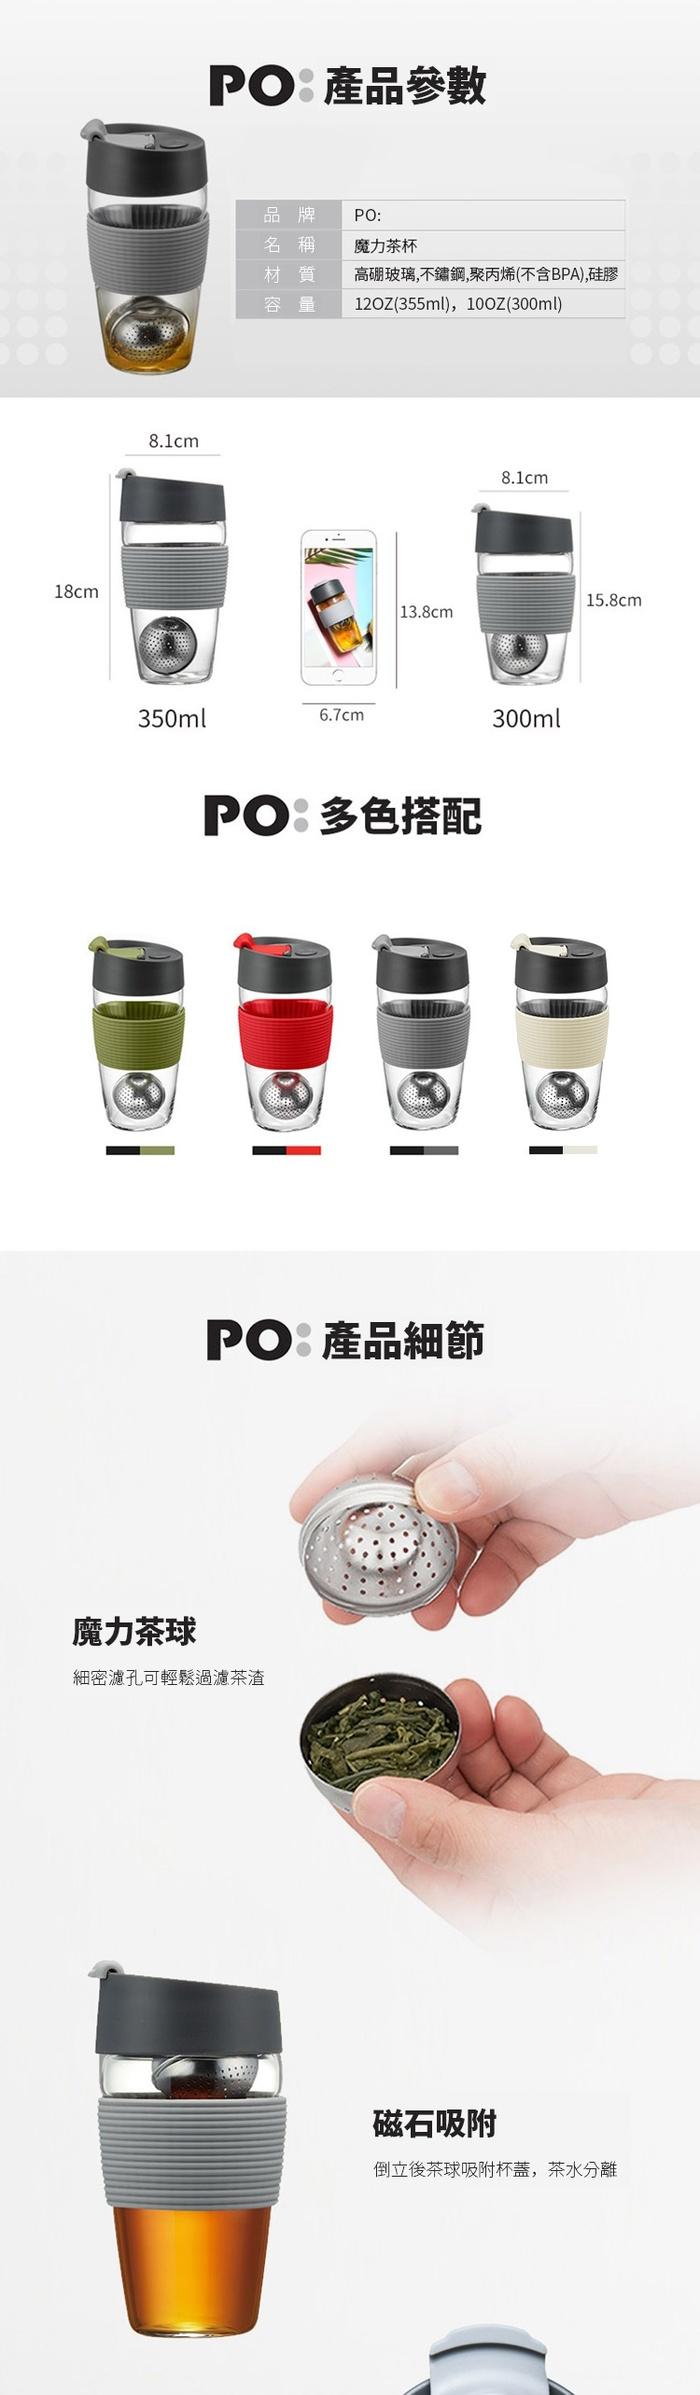 PO:Selected|丹麥磁吸濾球魔力杯10oz (墨綠色)